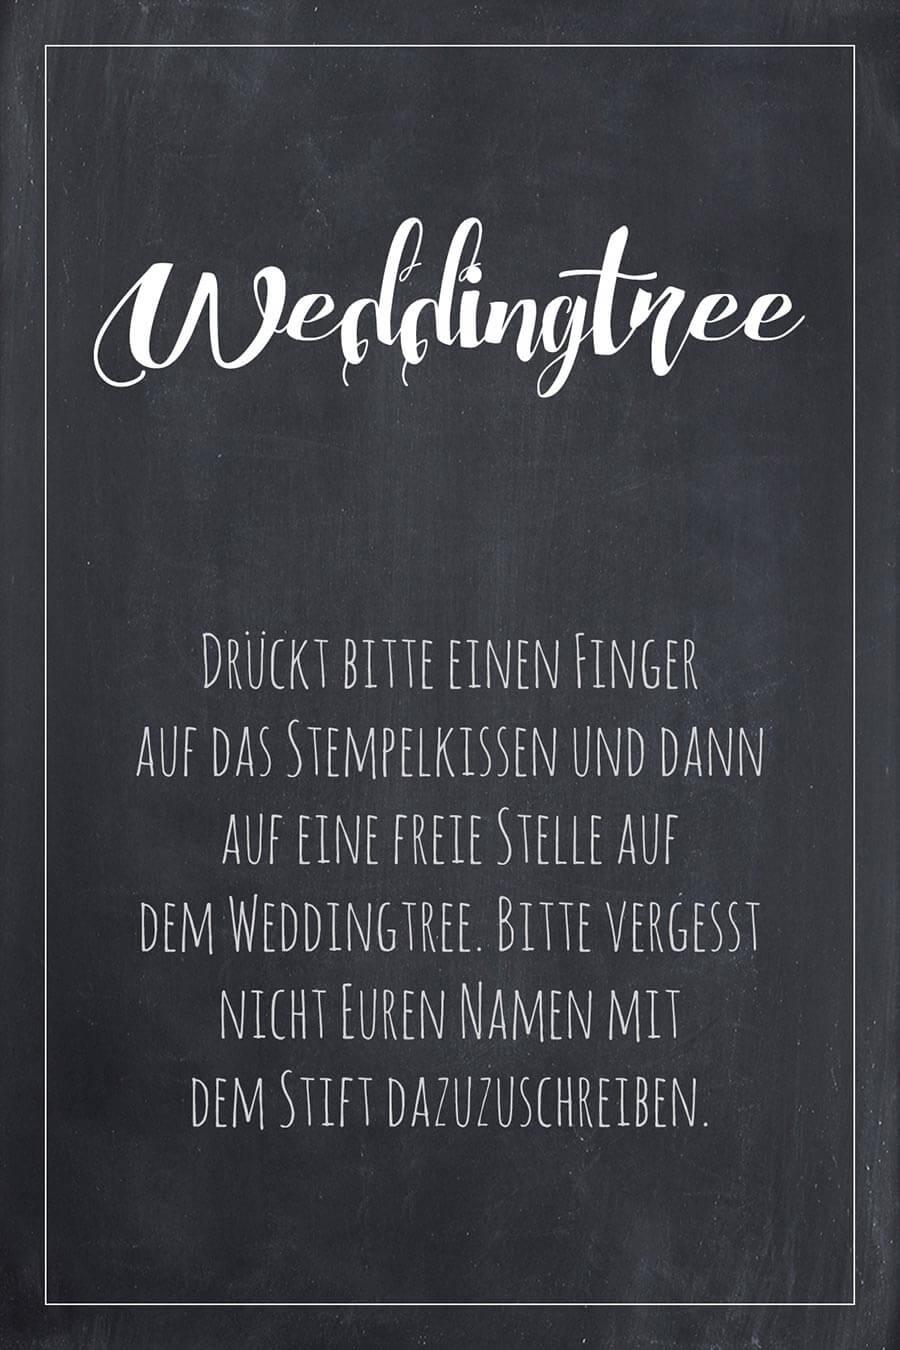 Weddingtree Schild für die Hochzeit im Tafel-Look. Finde hier viele weitere Vorlagen für Schilder in über 20 verschiedene Farben!